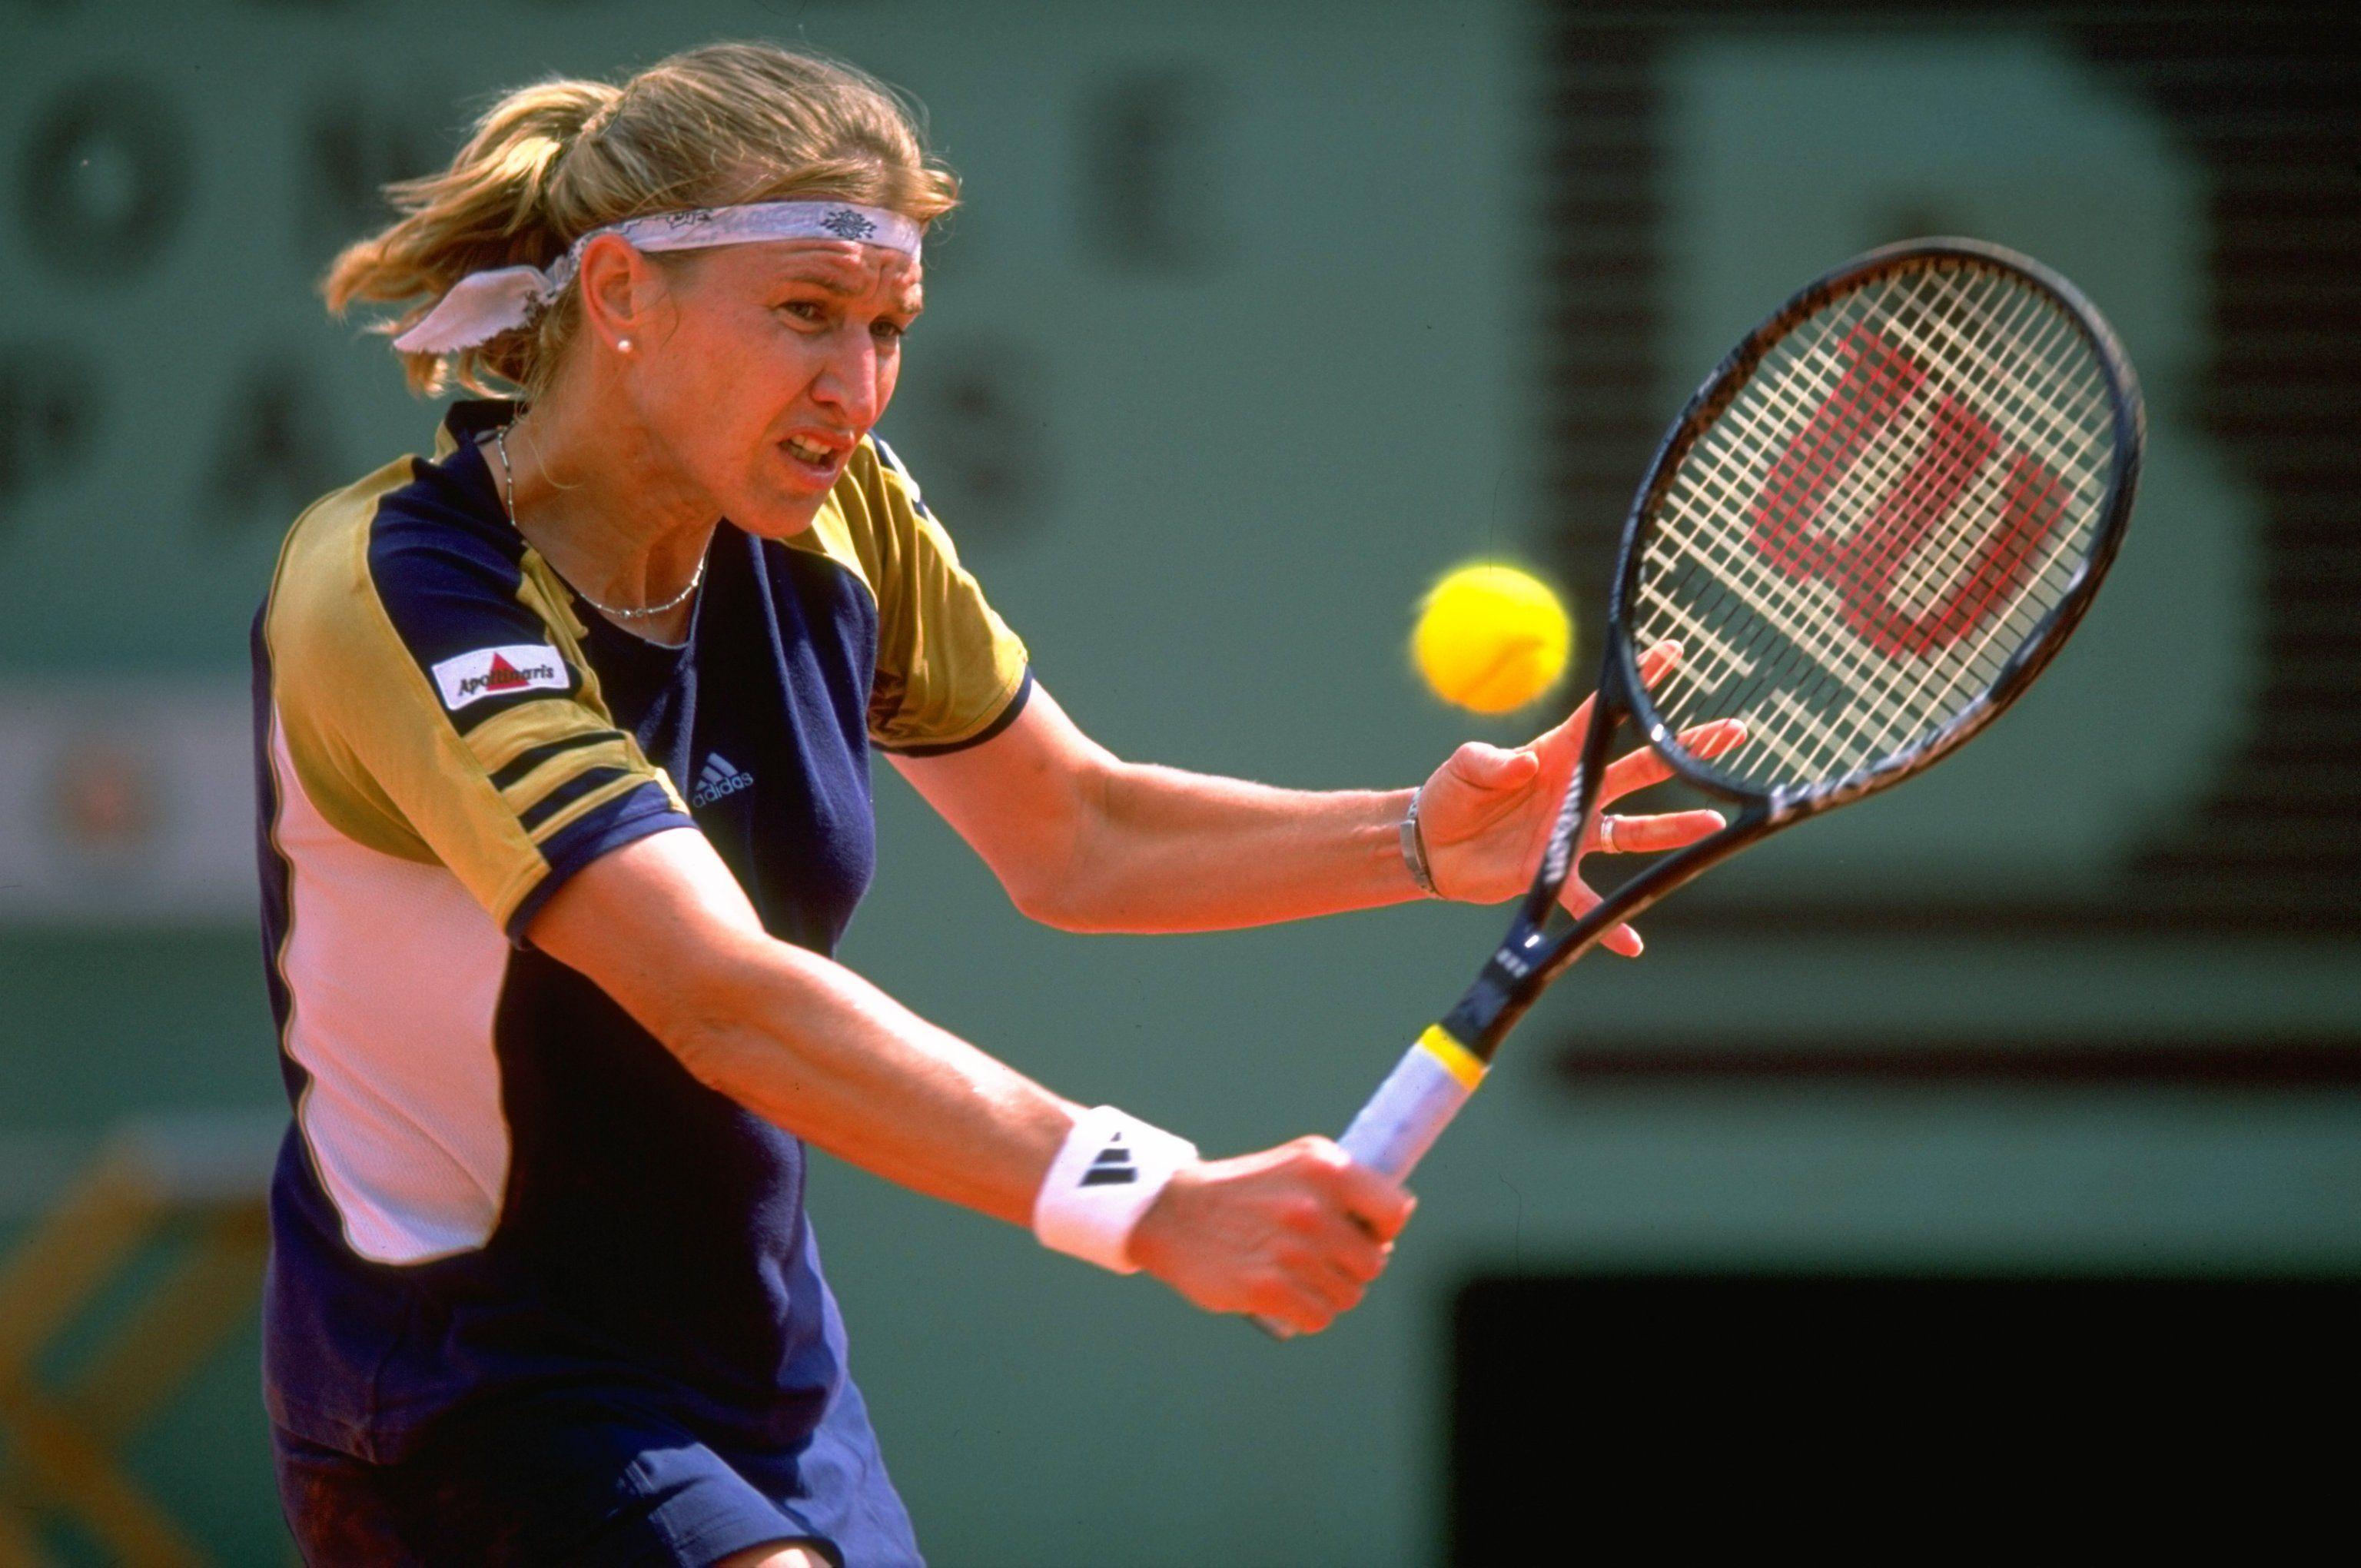 Steffi Graf Roland Garros 1999 Wimbledon Atletizm Tenis